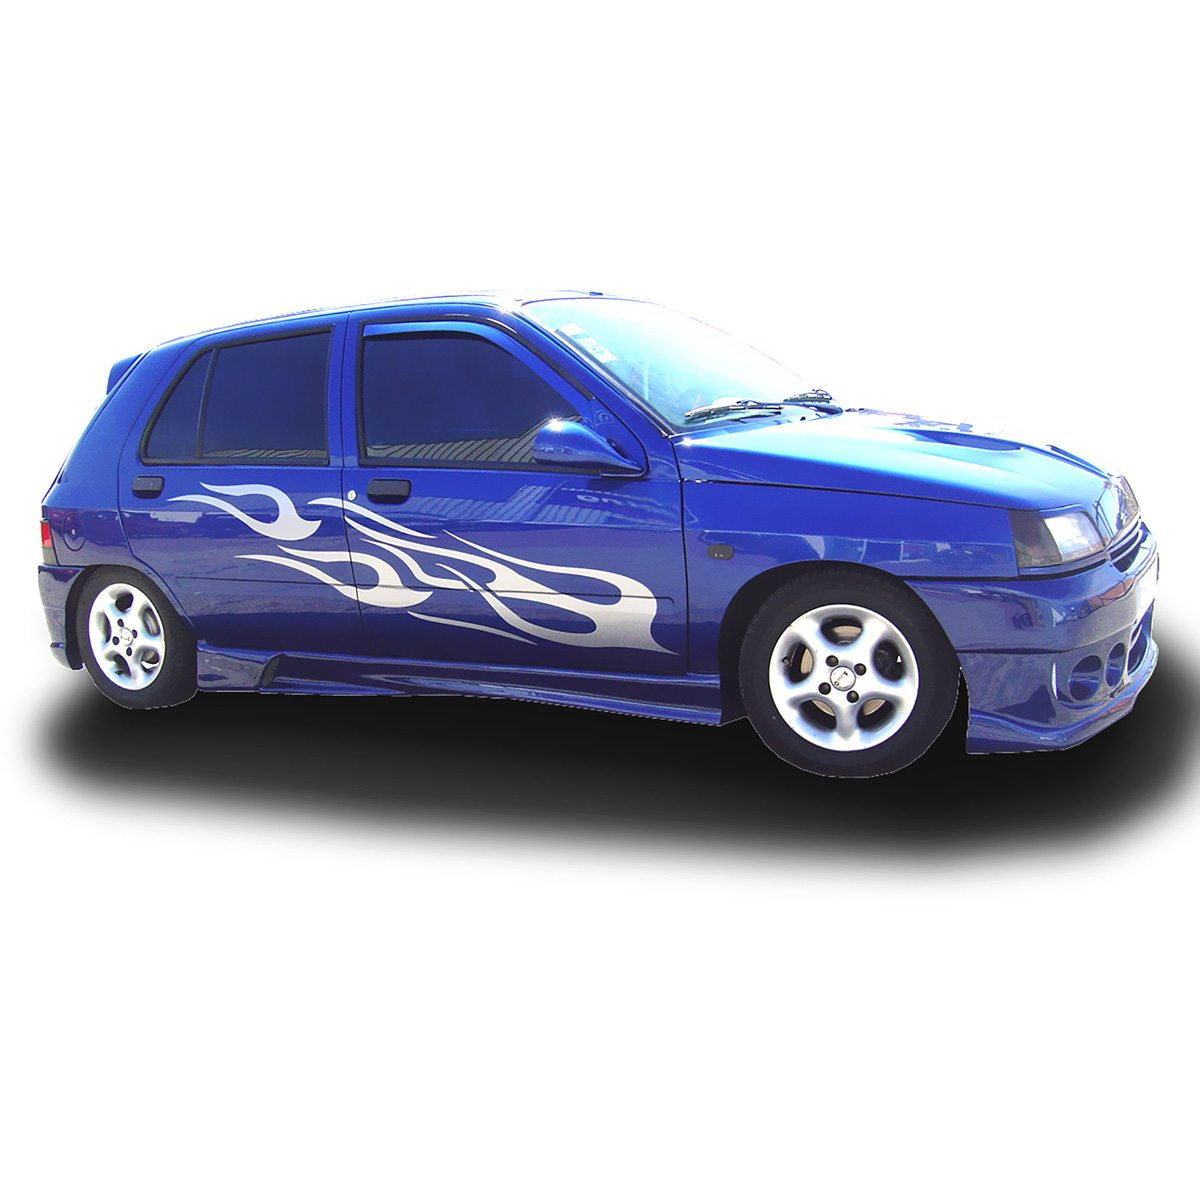 Renault-Clio-I-Thanos-Emb-EBU0276